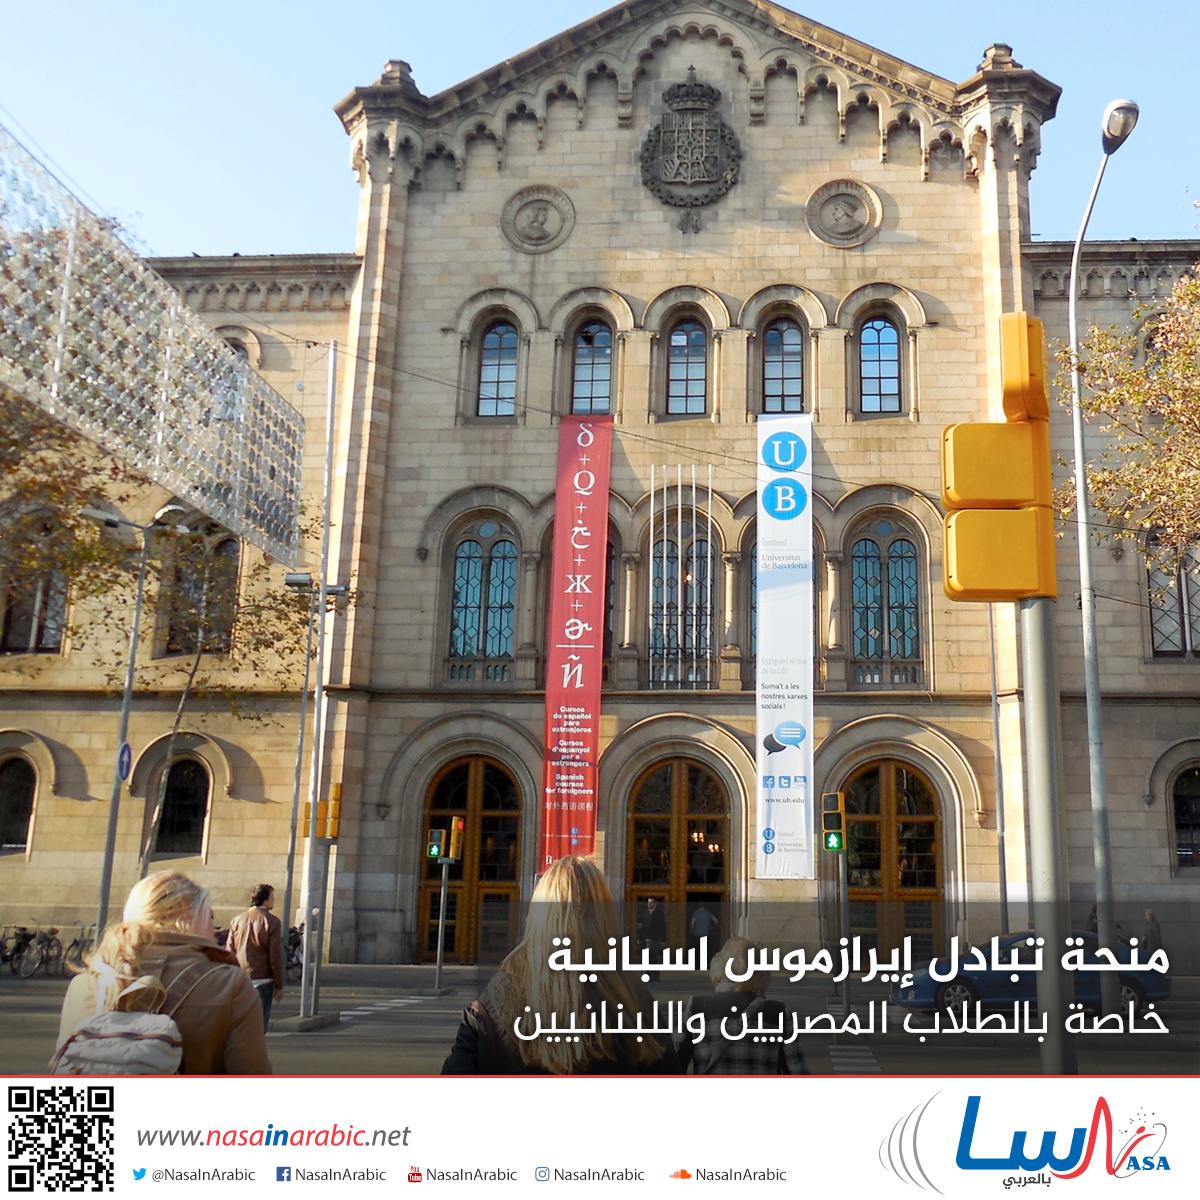 منحة تبادل إيرازموس اسبانية خاصة بالطلاب المصريين واللبنانيين